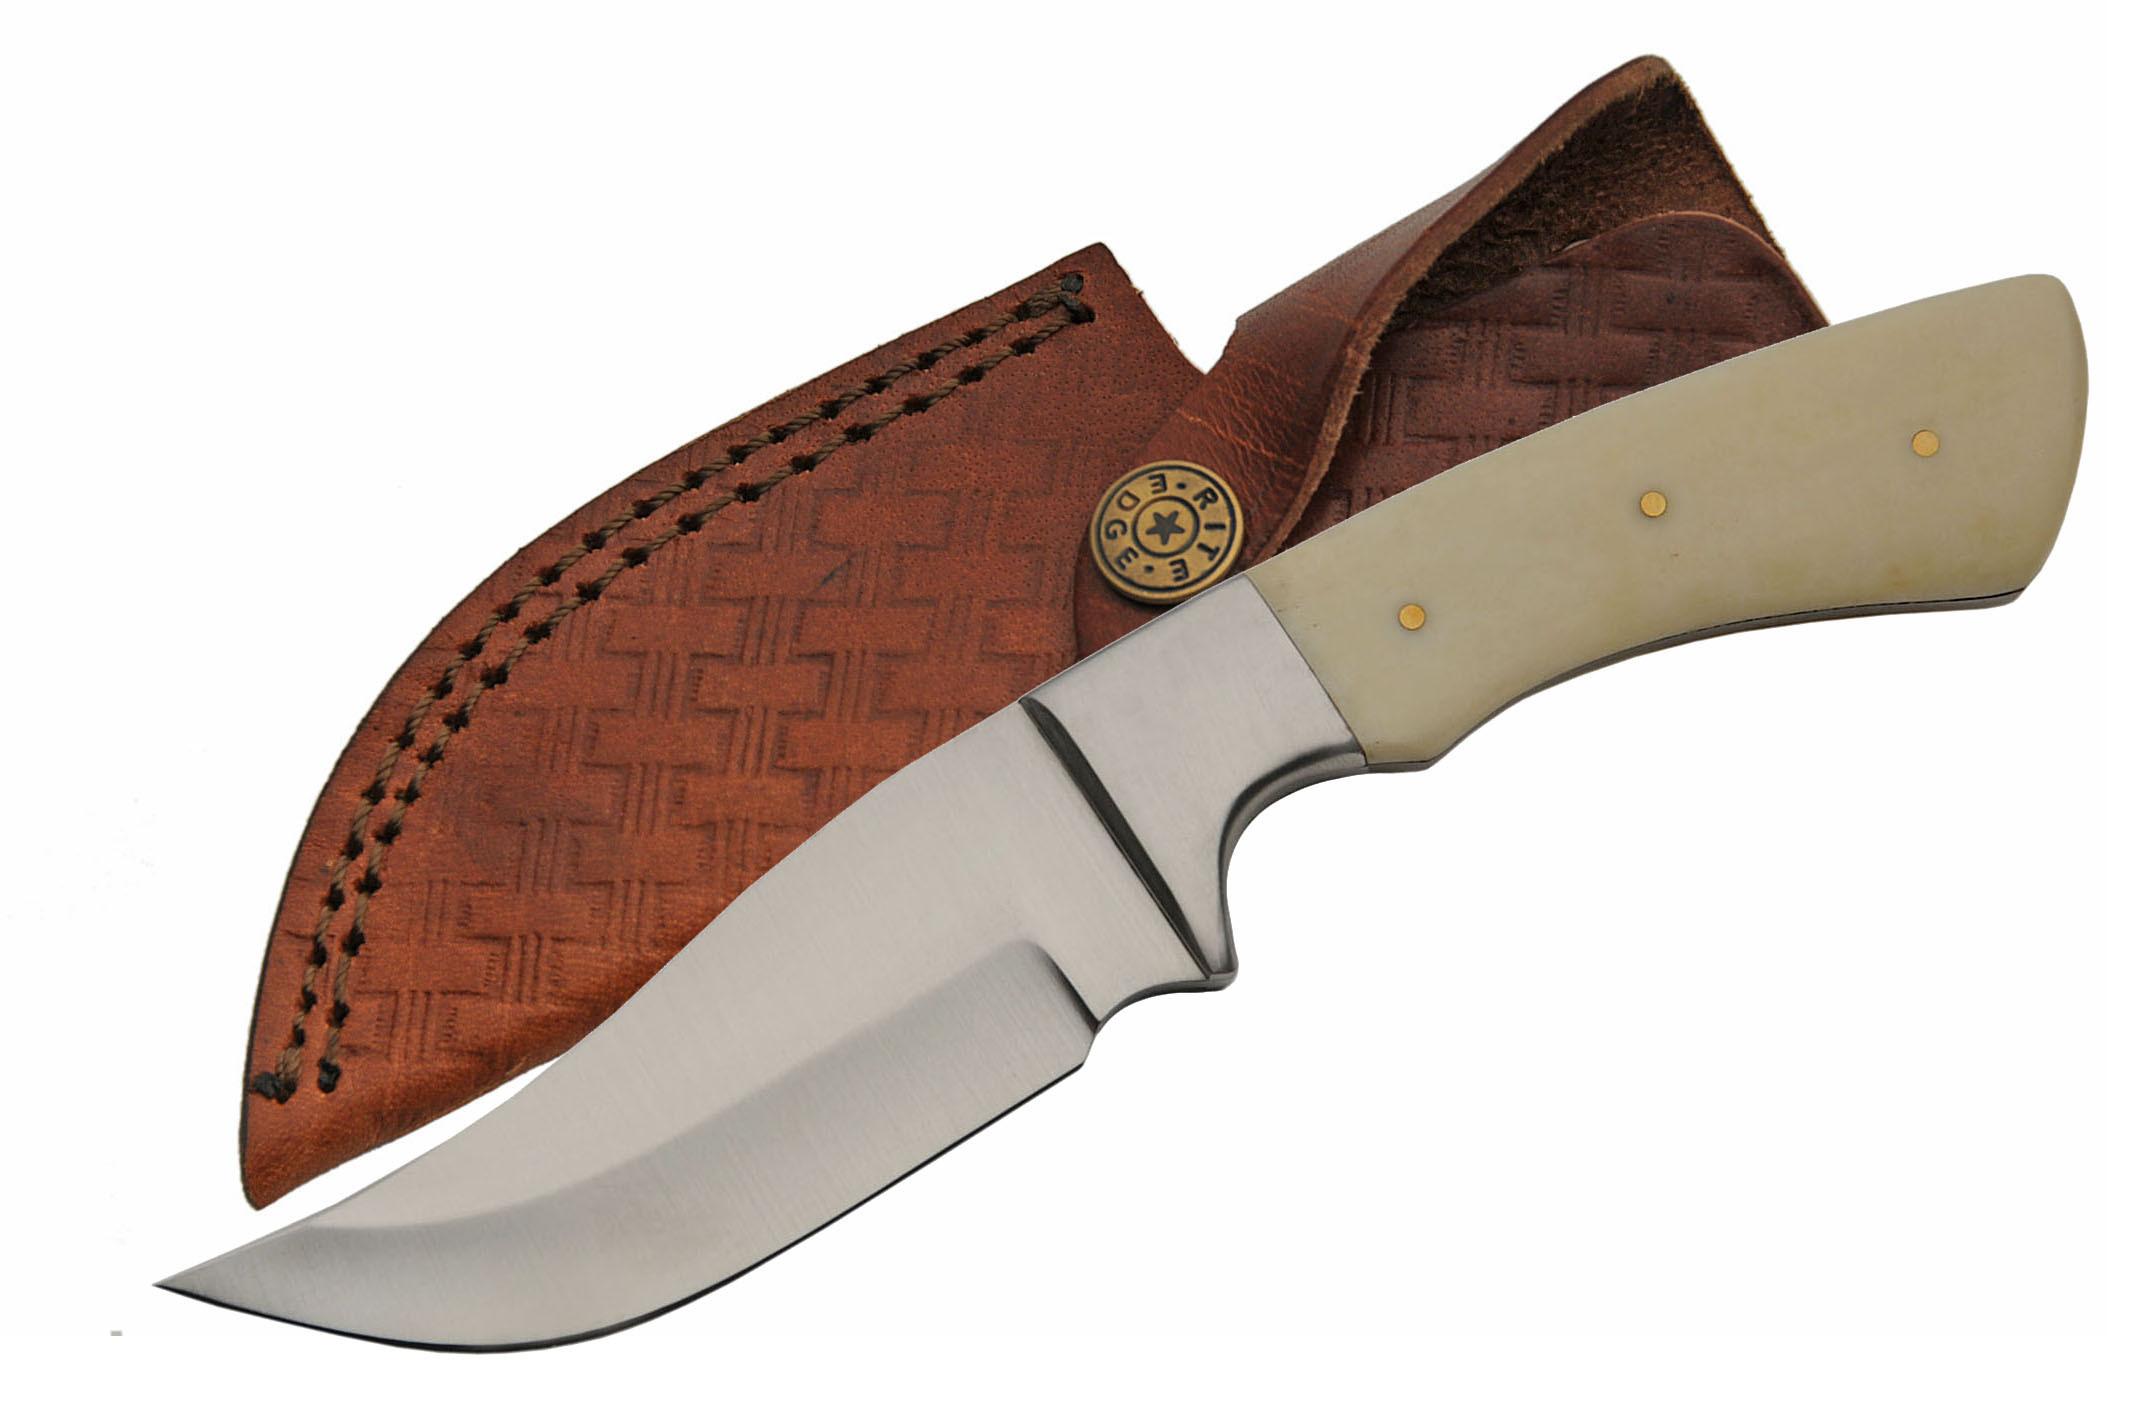 Hunting Knife Clip Point Skinner Blade Full Tang 8 25